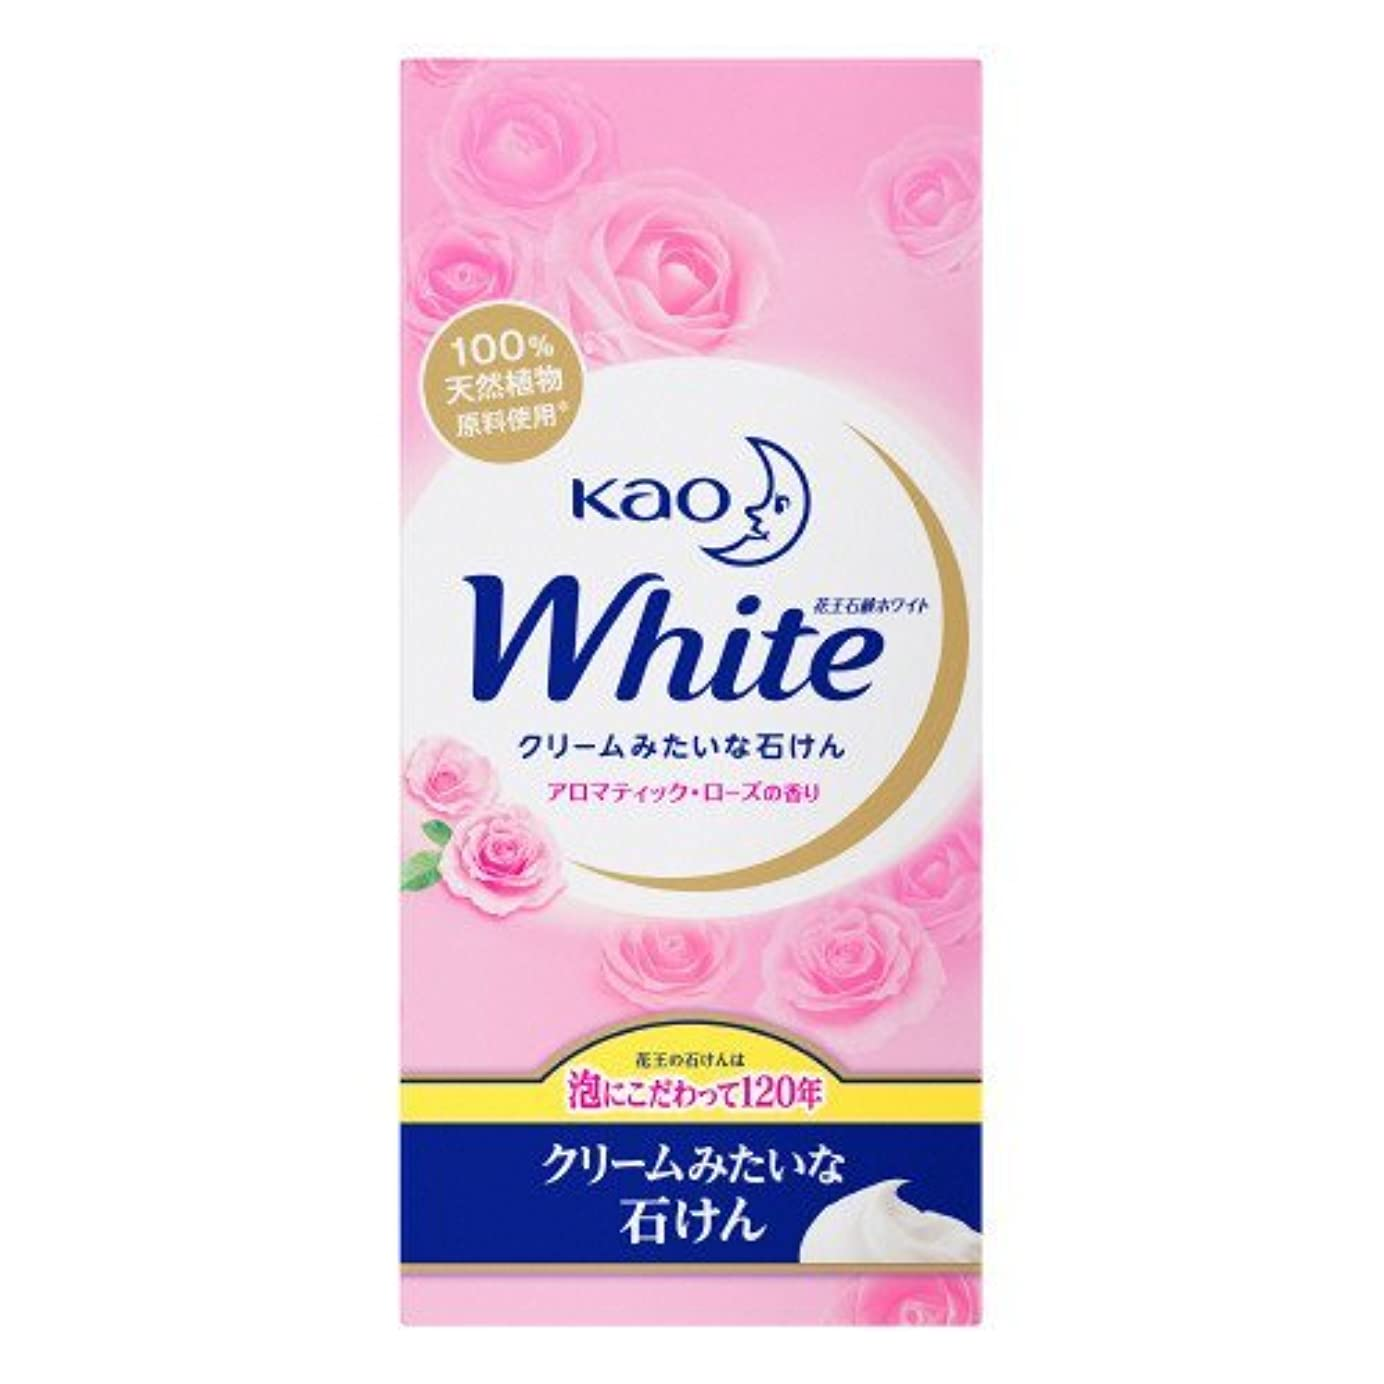 トイレ政策ハング【花王】花王ホワイト アロマティックローズの香りレギュラーサイズ (85g×6個) ×20個セット